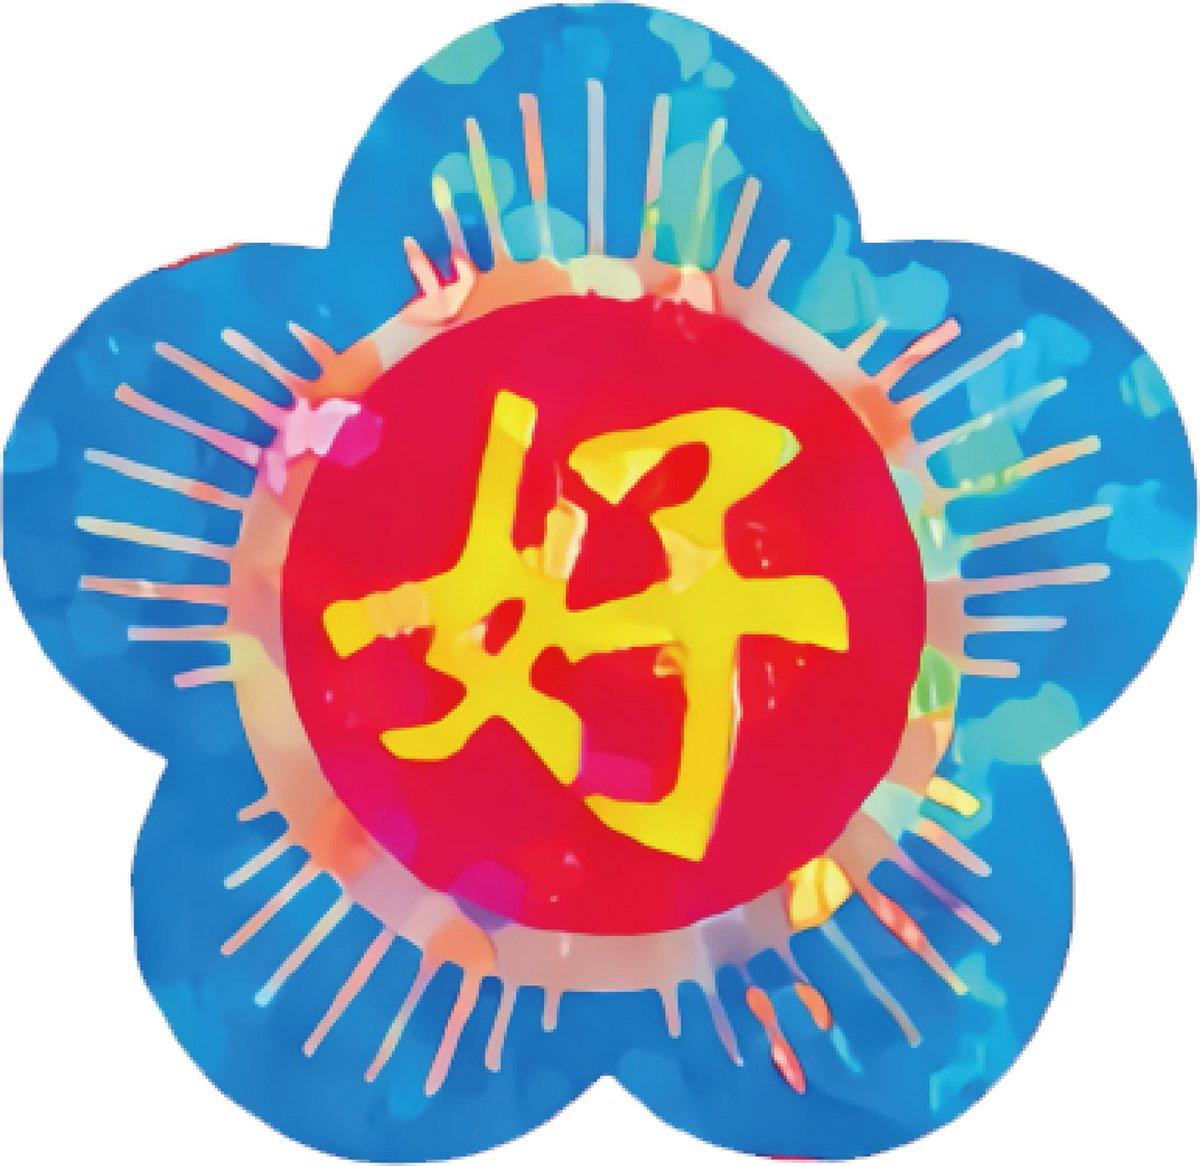 ブッダマシーン | 電子念仏機「天界」電子念仏機とは、アジアで生産されている念仏や仏教ソングが収録されたジュークボックスです。 スイッチ一つで念仏が聴ける電子念仏機(通称ブッダマシーン)の日本オリジナル版、それが「天界」です。 アジア…